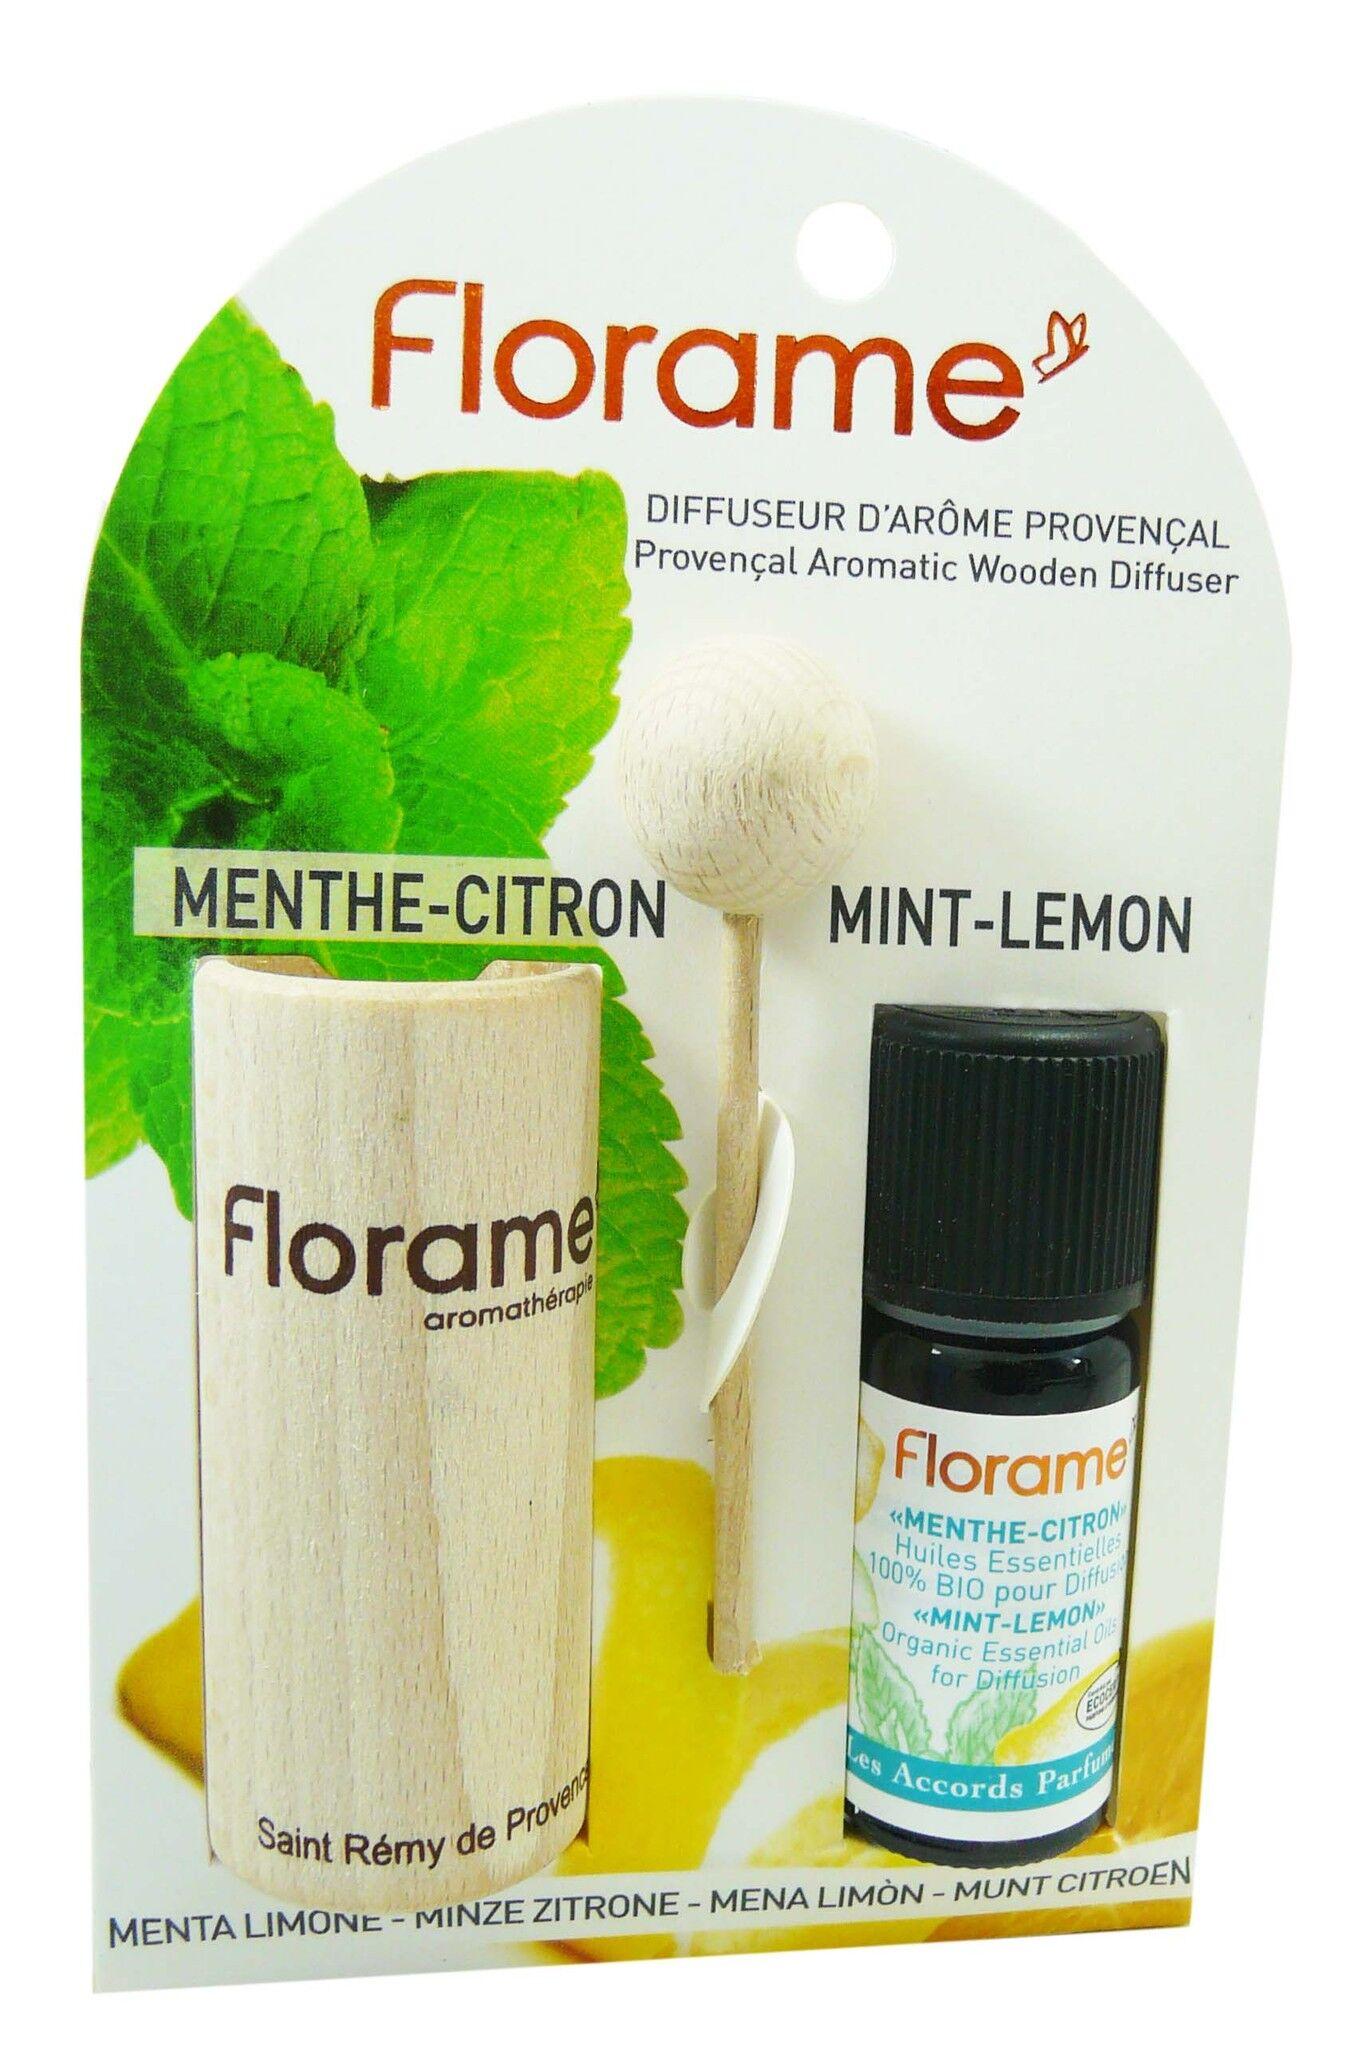 Florame diffuseur d'arome provencal menthe citron